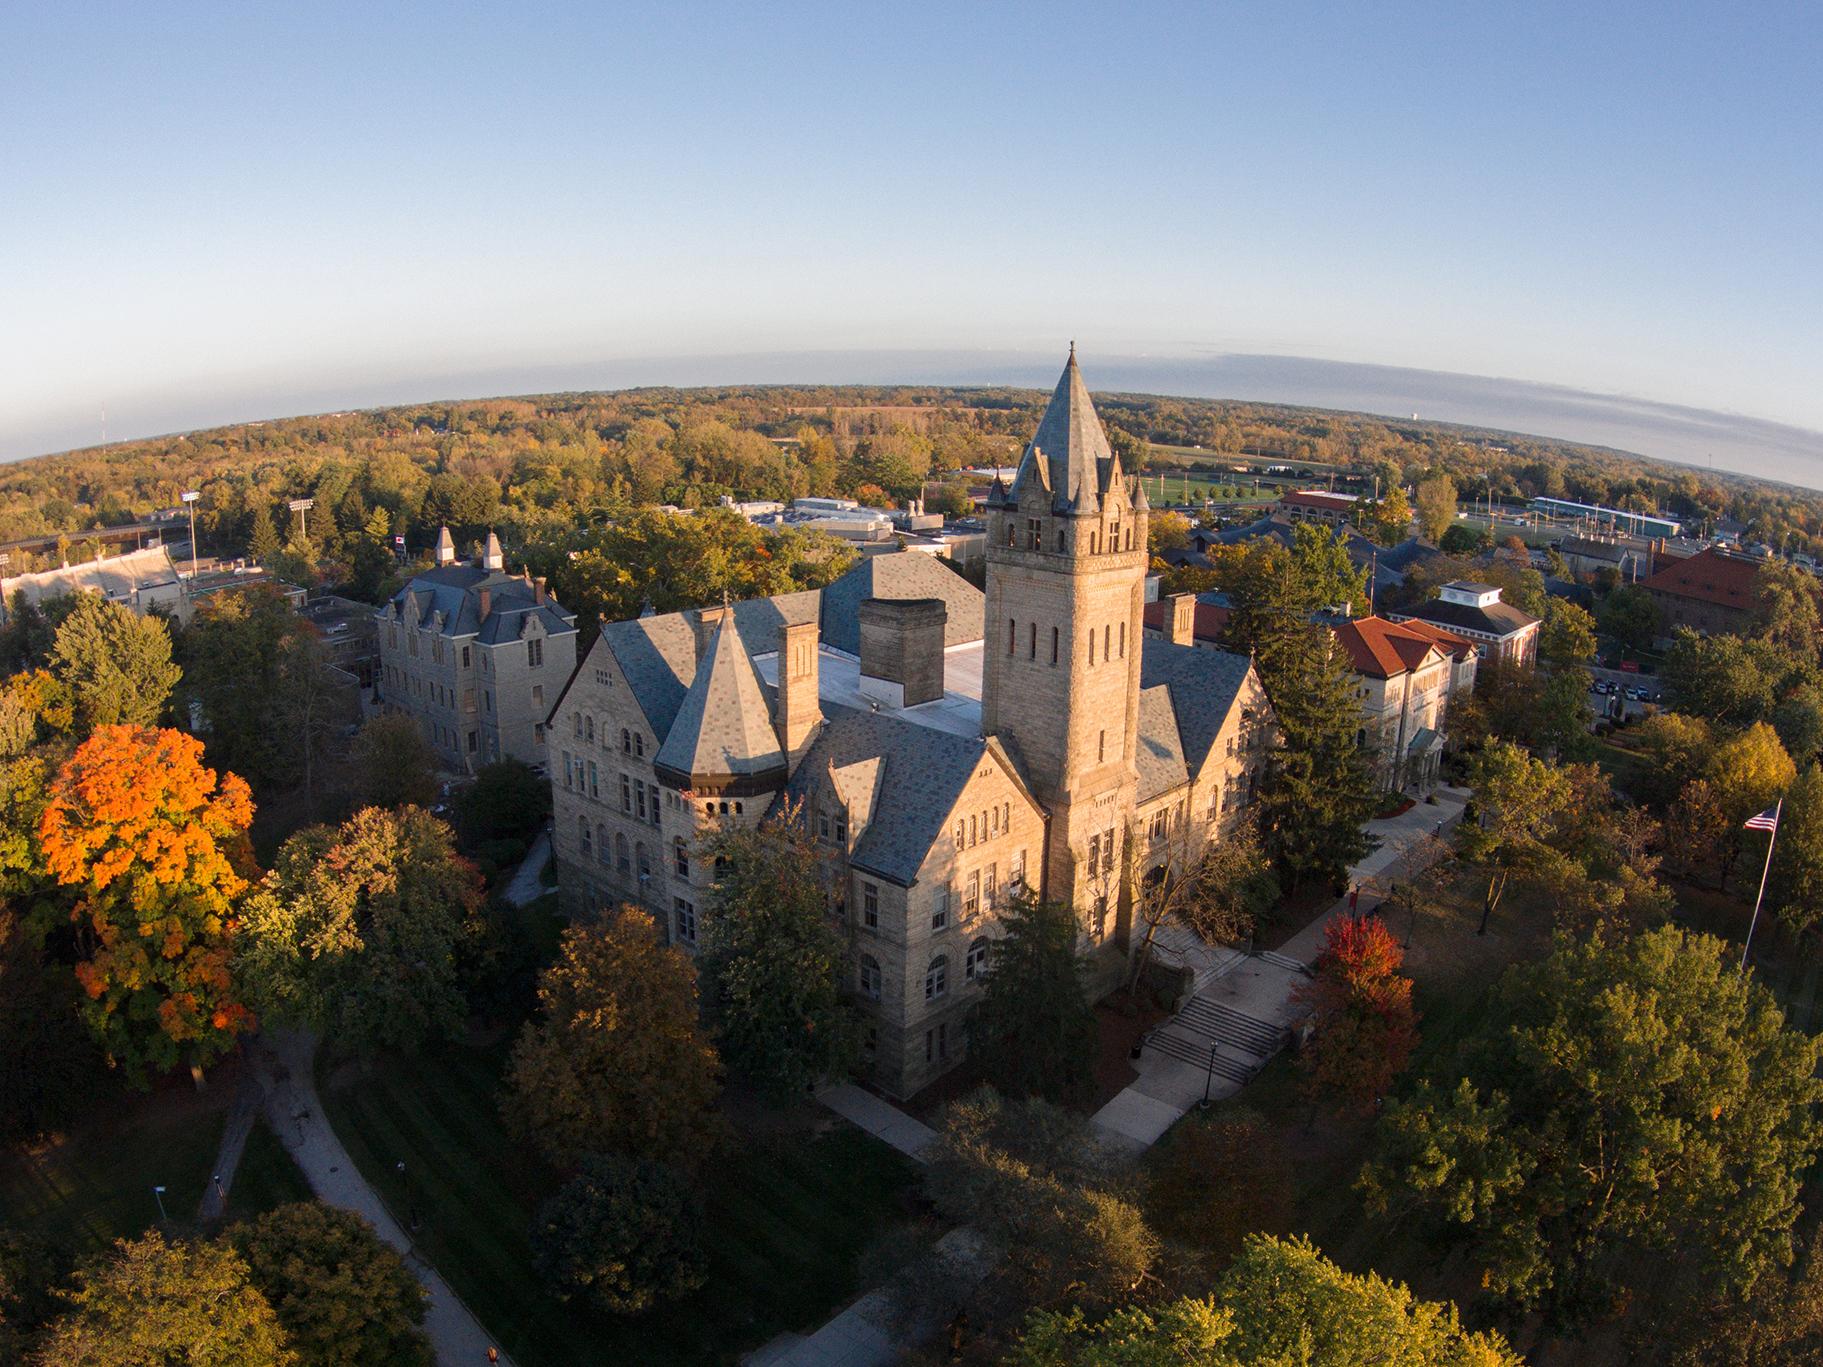 courtesy of Ohio Wesleyan University